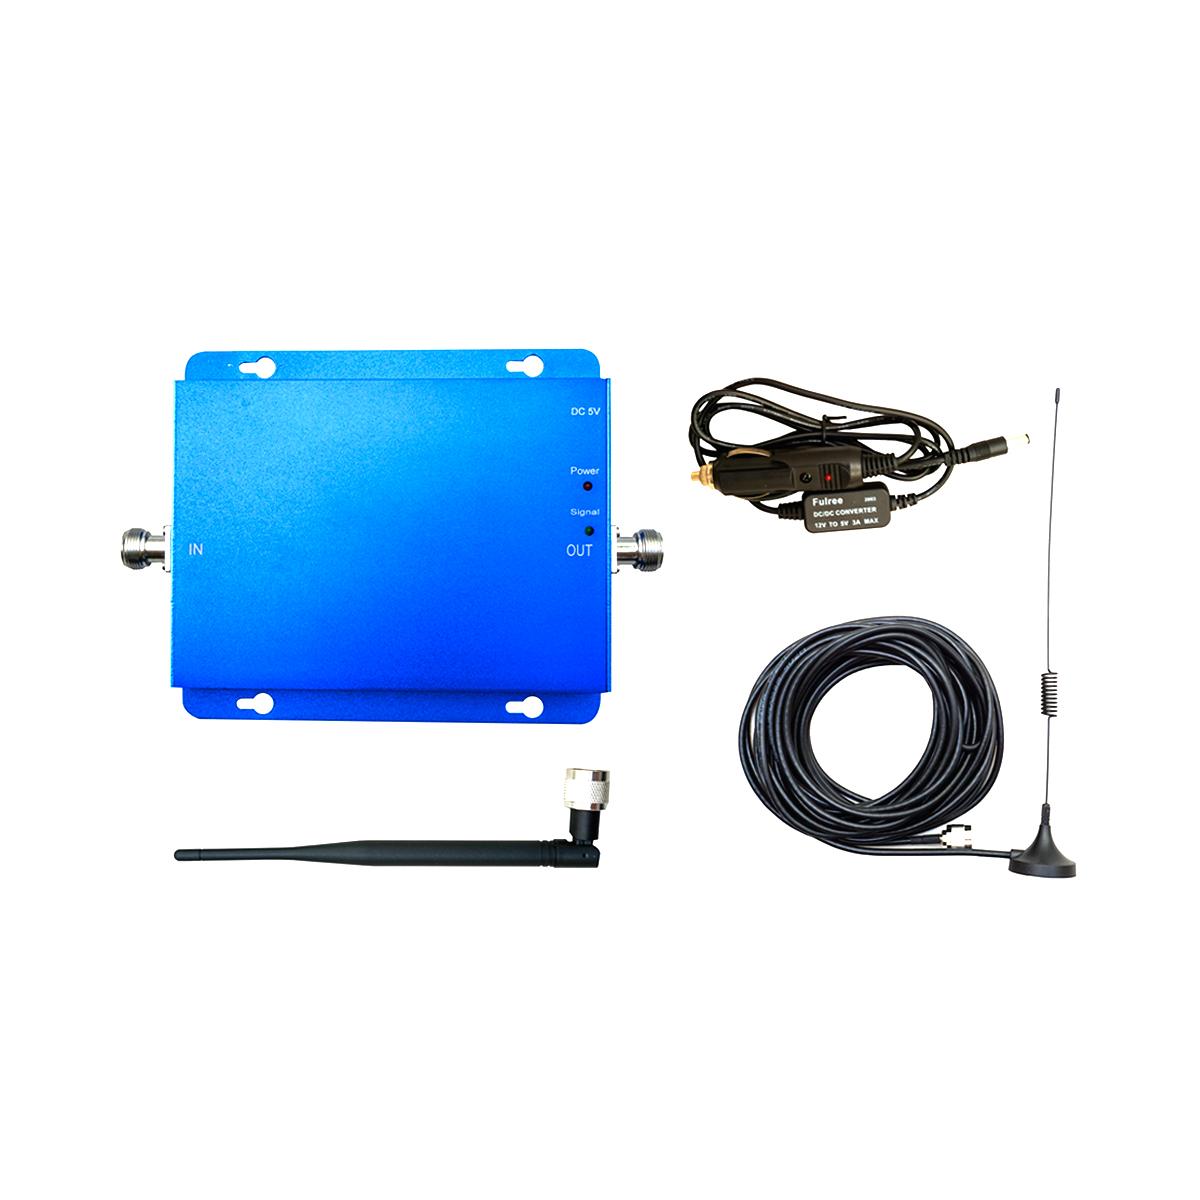 Antena Amplificador De Señal Celular Para Auto 850_1900mhz (2)